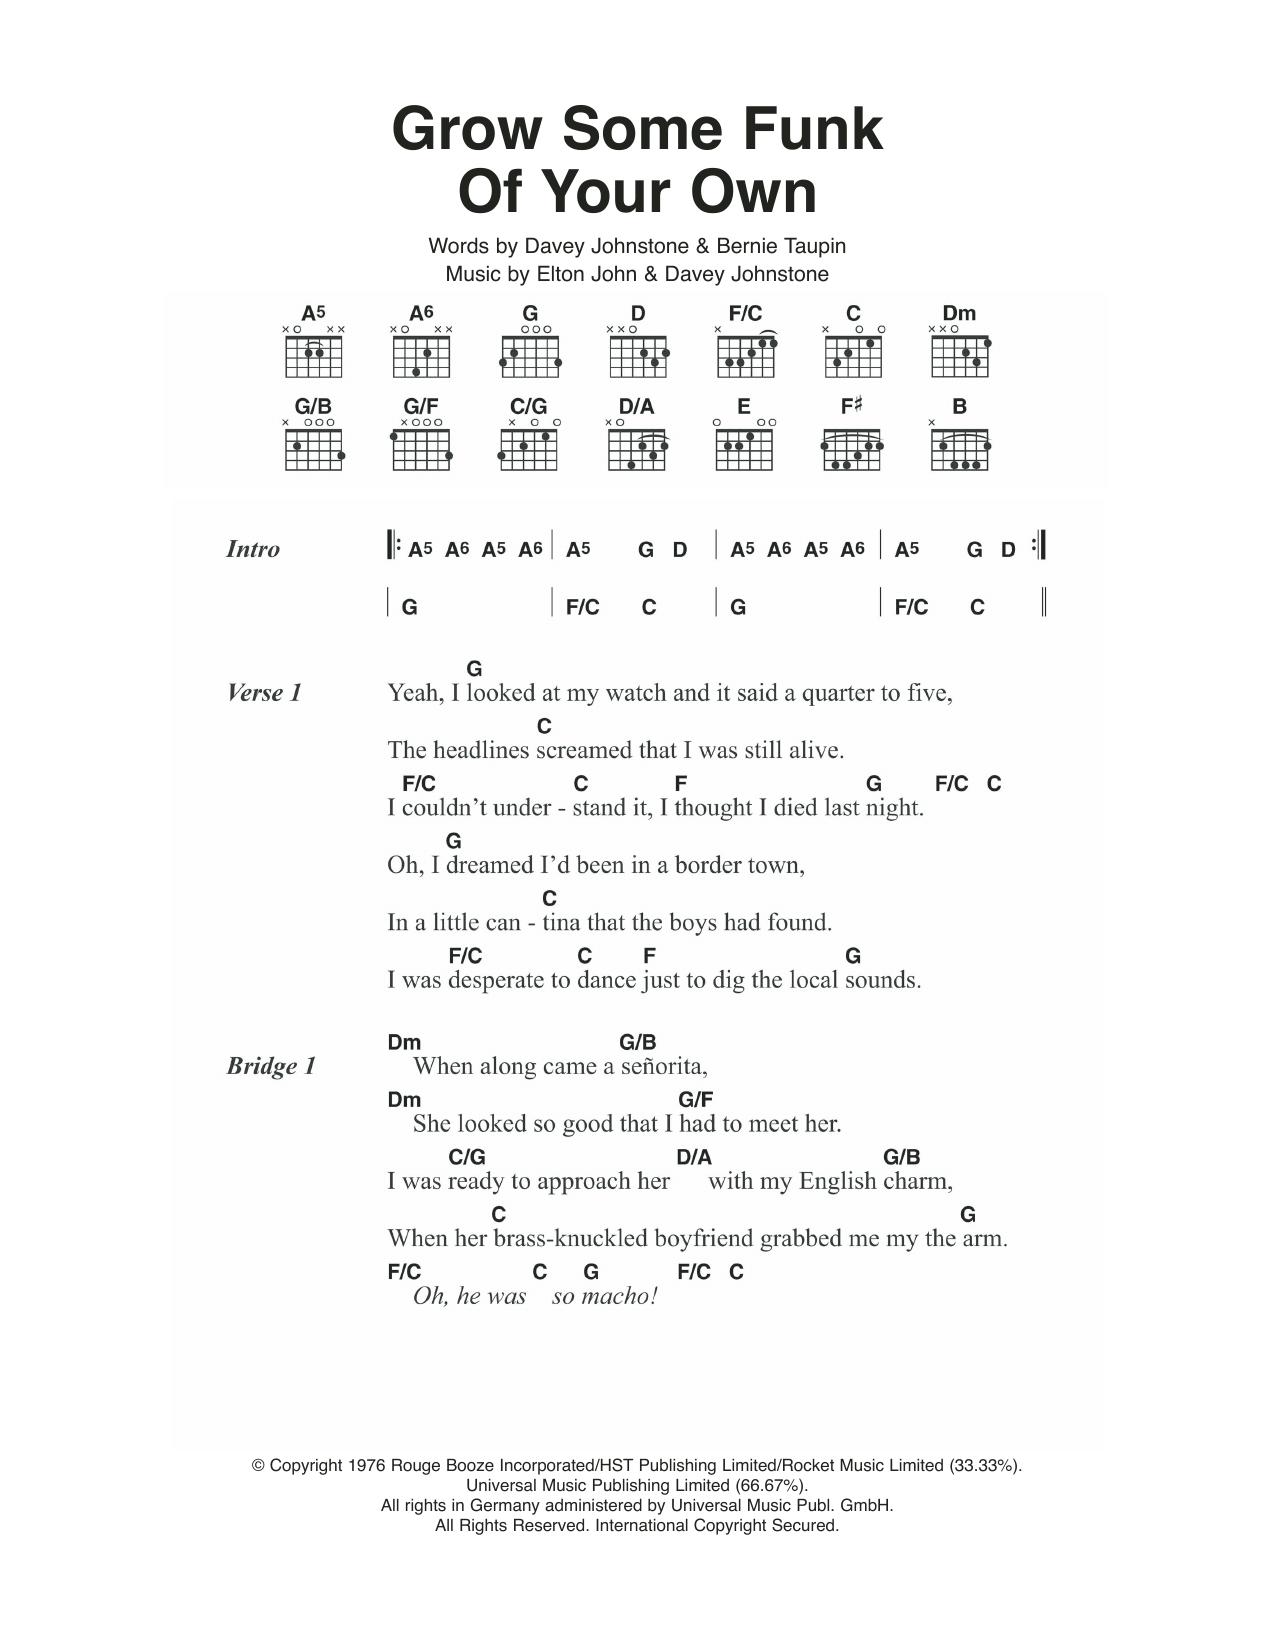 Grow Some Funk Of Your Own Sheet Music By Elton John Lyrics